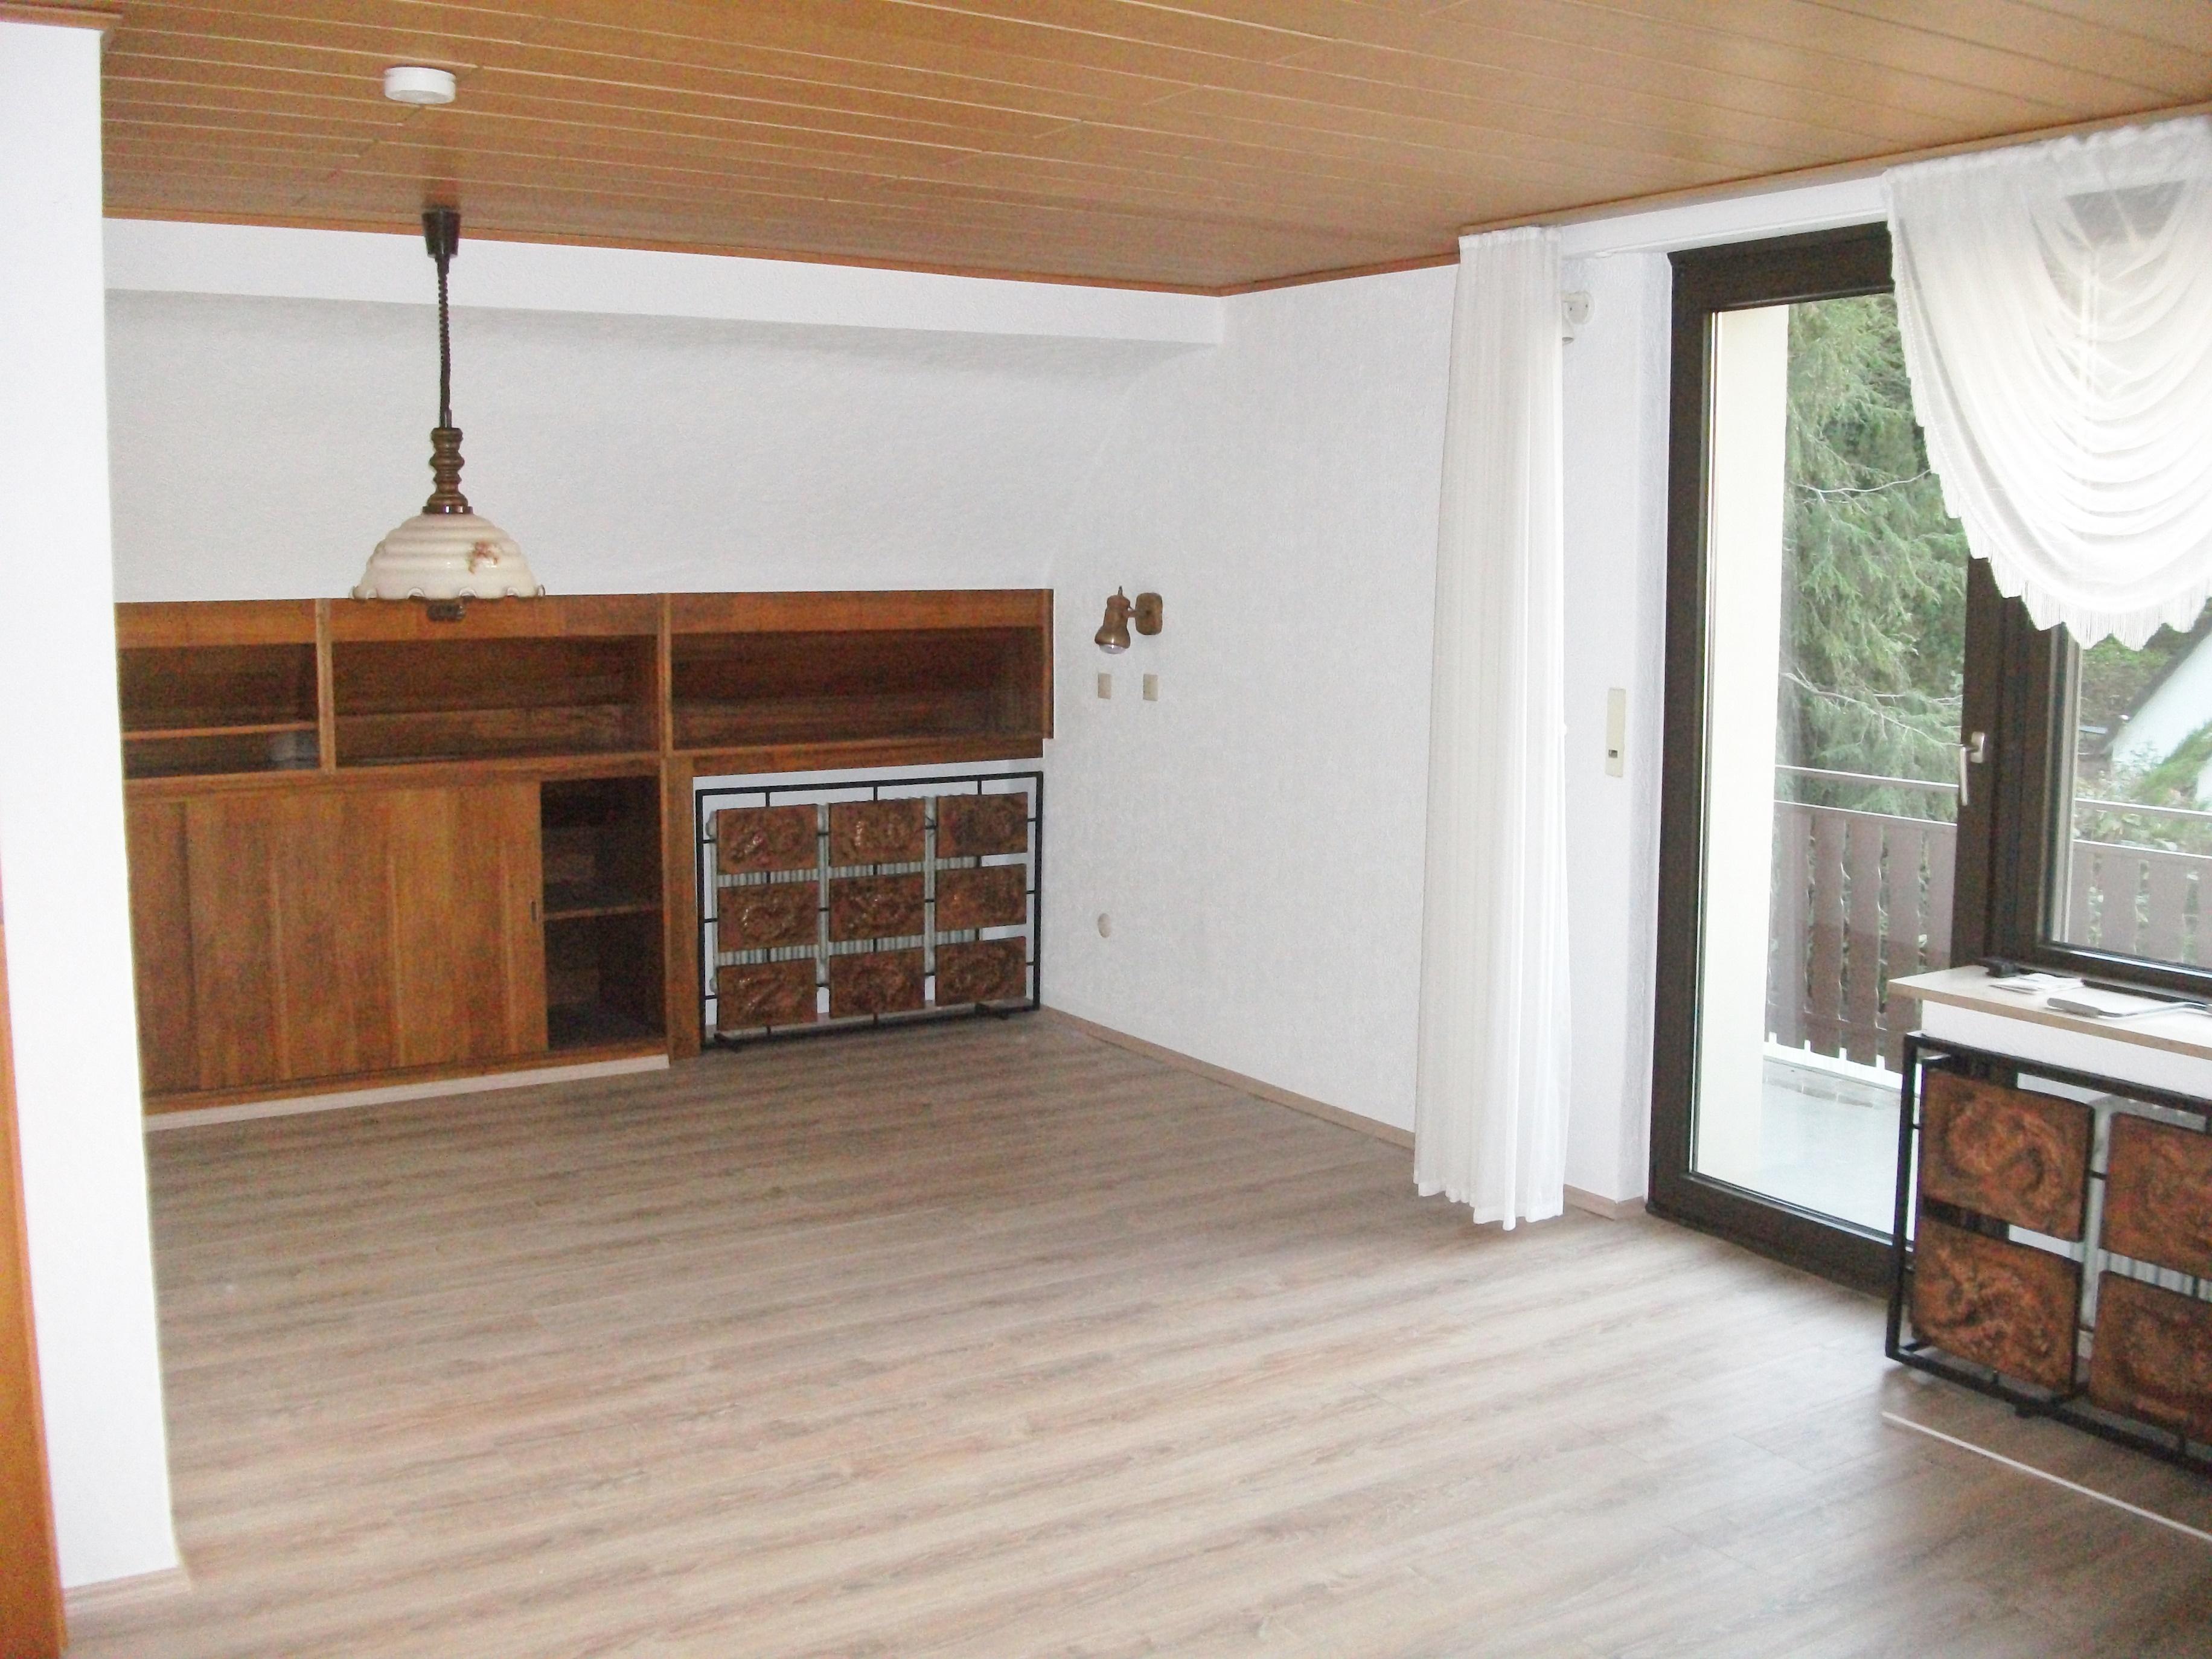 v e r m i e t e t sch ne 2 zimmer wohnung im gr nen sucht ruhigen mieter be living. Black Bedroom Furniture Sets. Home Design Ideas